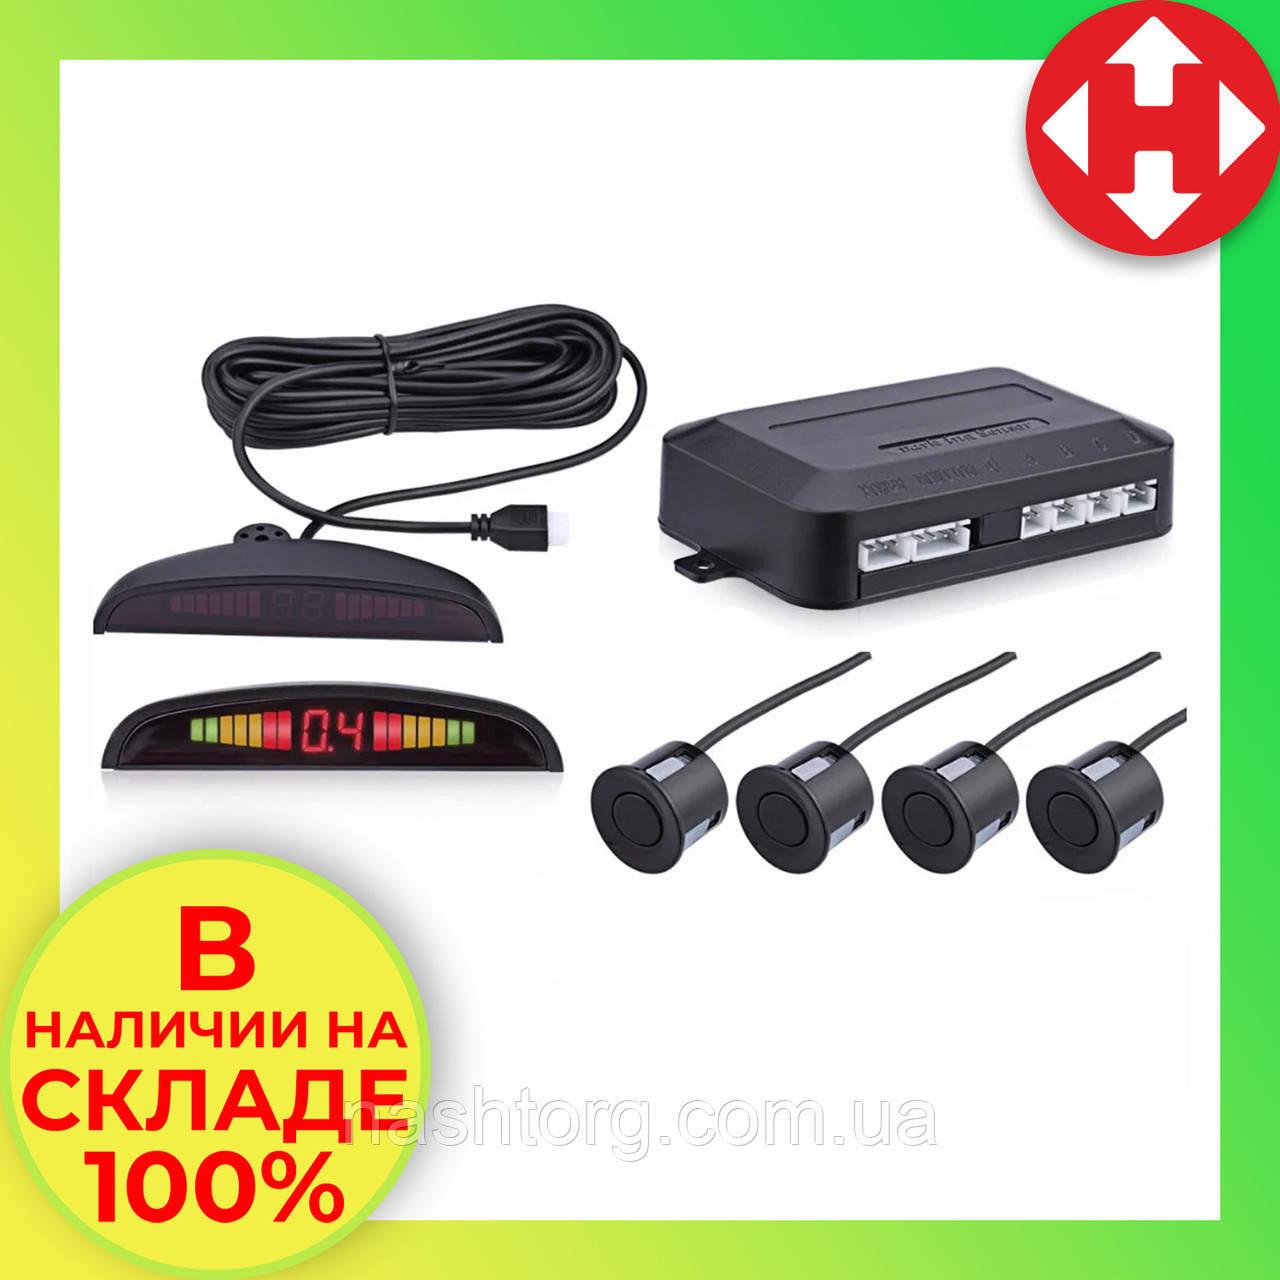 Парковочная система парктроник (4 датчика парковки) Parking Sensor, Черный, парковочный радар